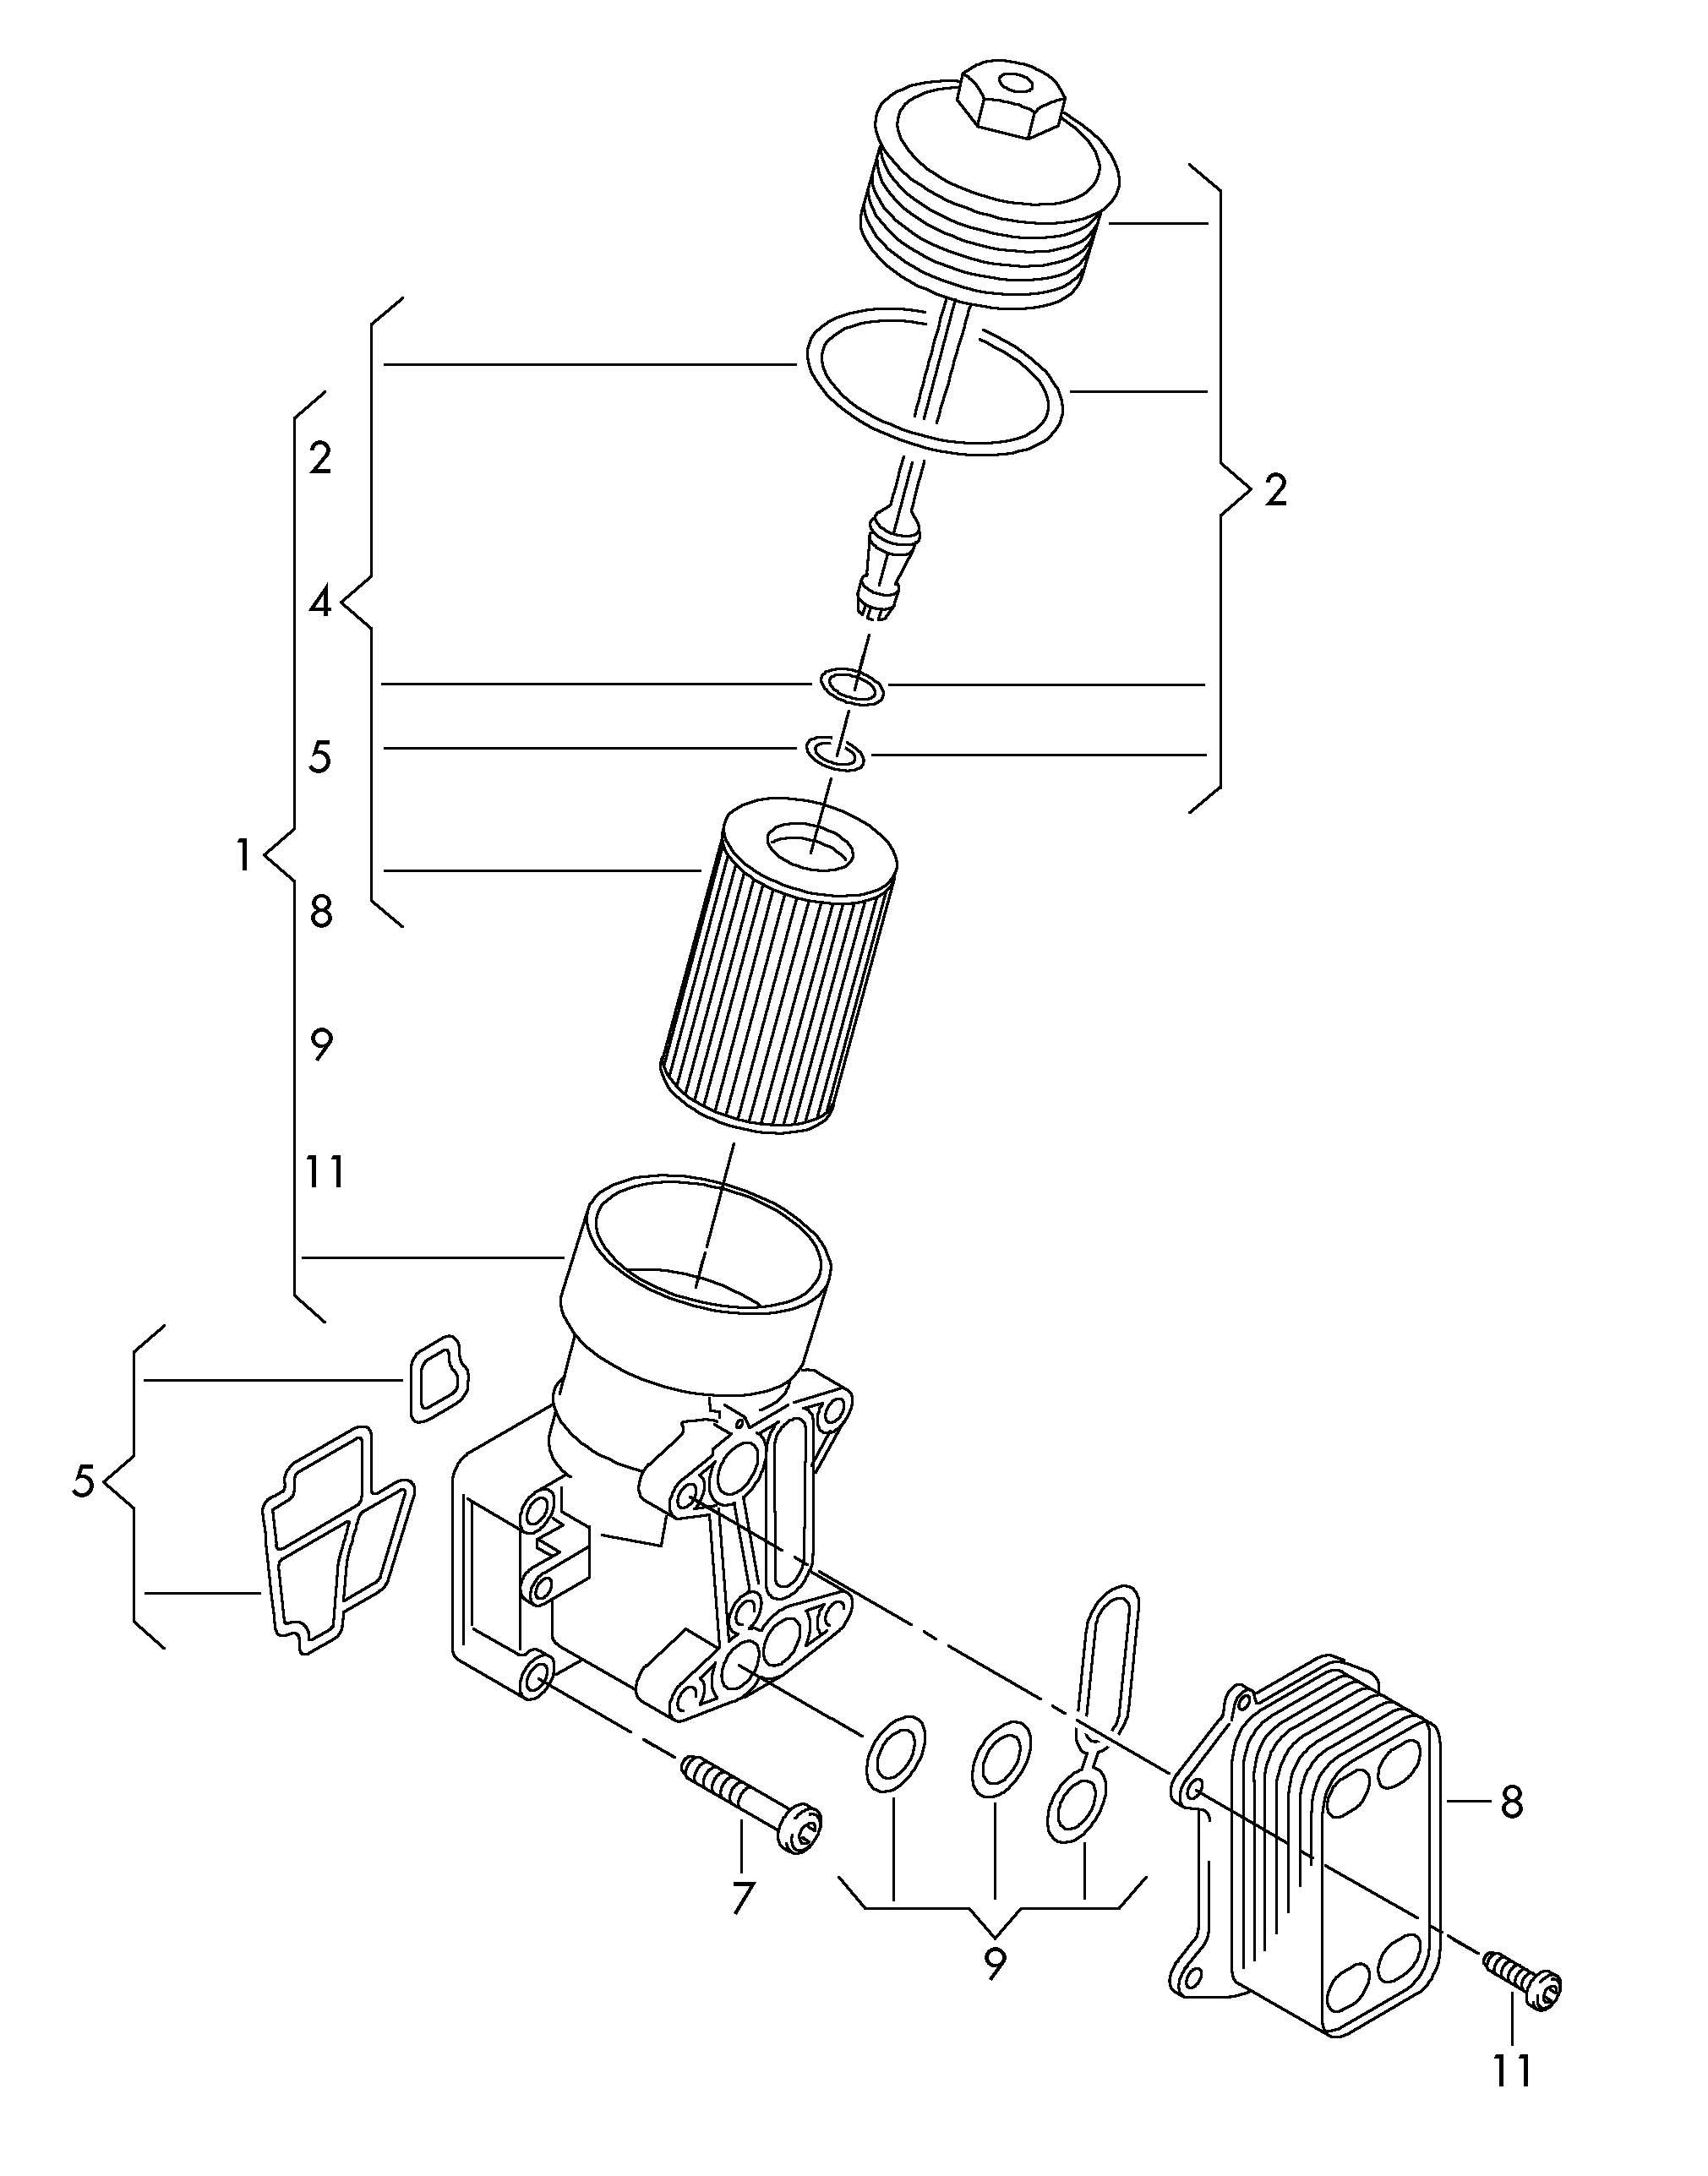 Oil Filter Oil Filter Adapter 1 6ltr 2 0ltr